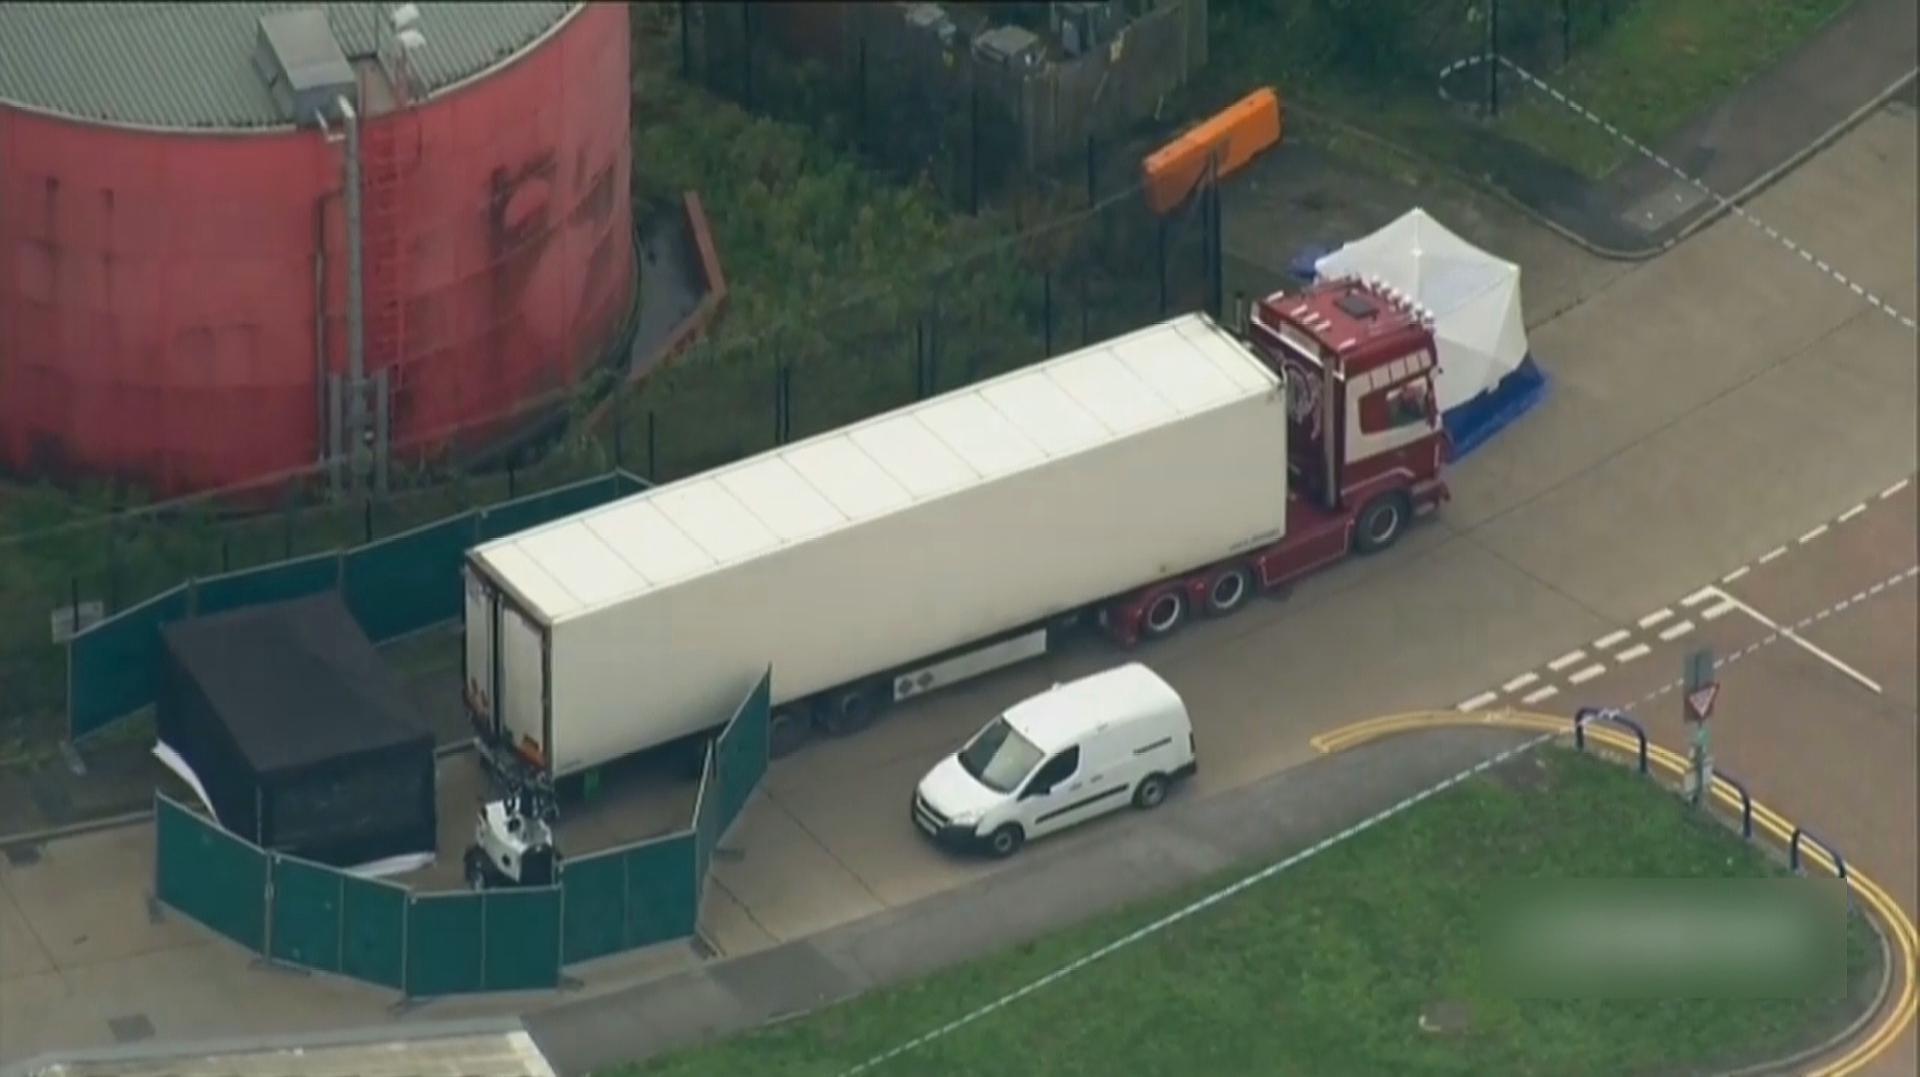 英国一货车惊现39具遗体 英媒称均为中国籍